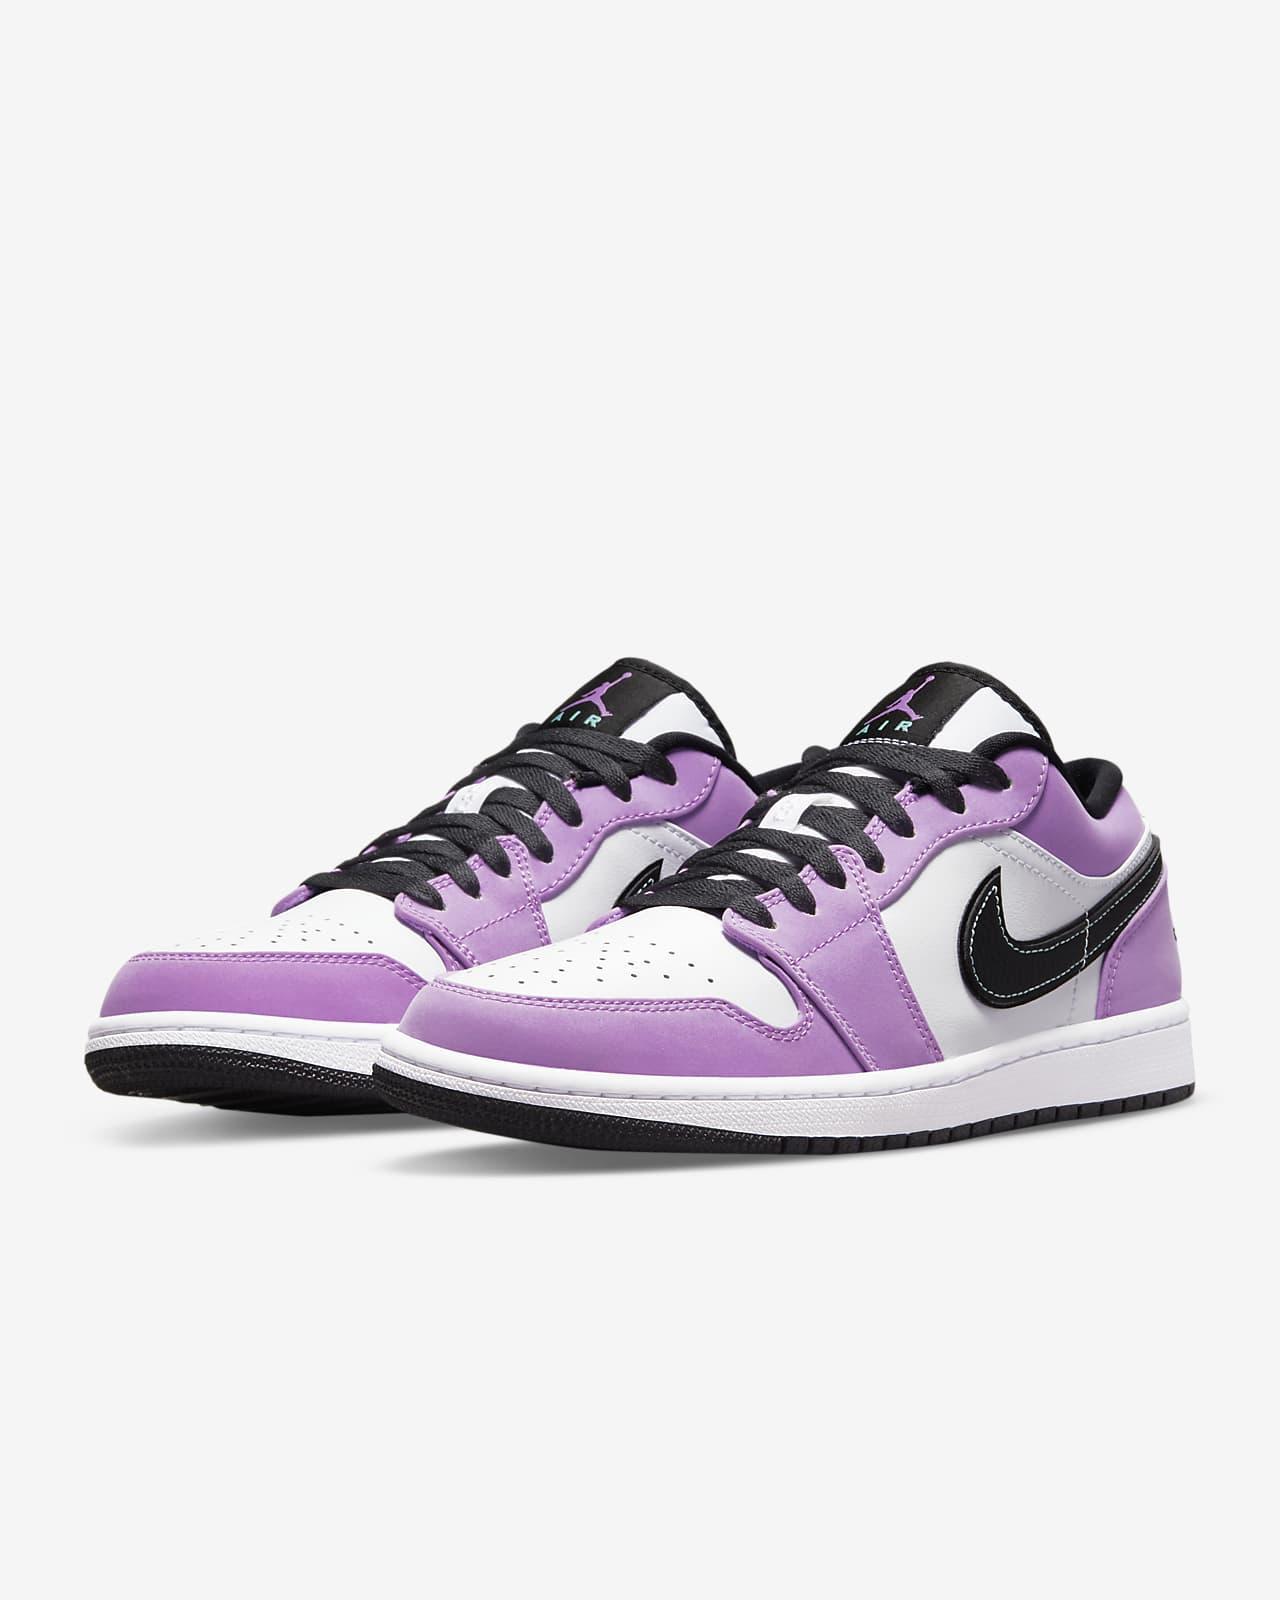 Air Jordan 1 Low SE Shoes